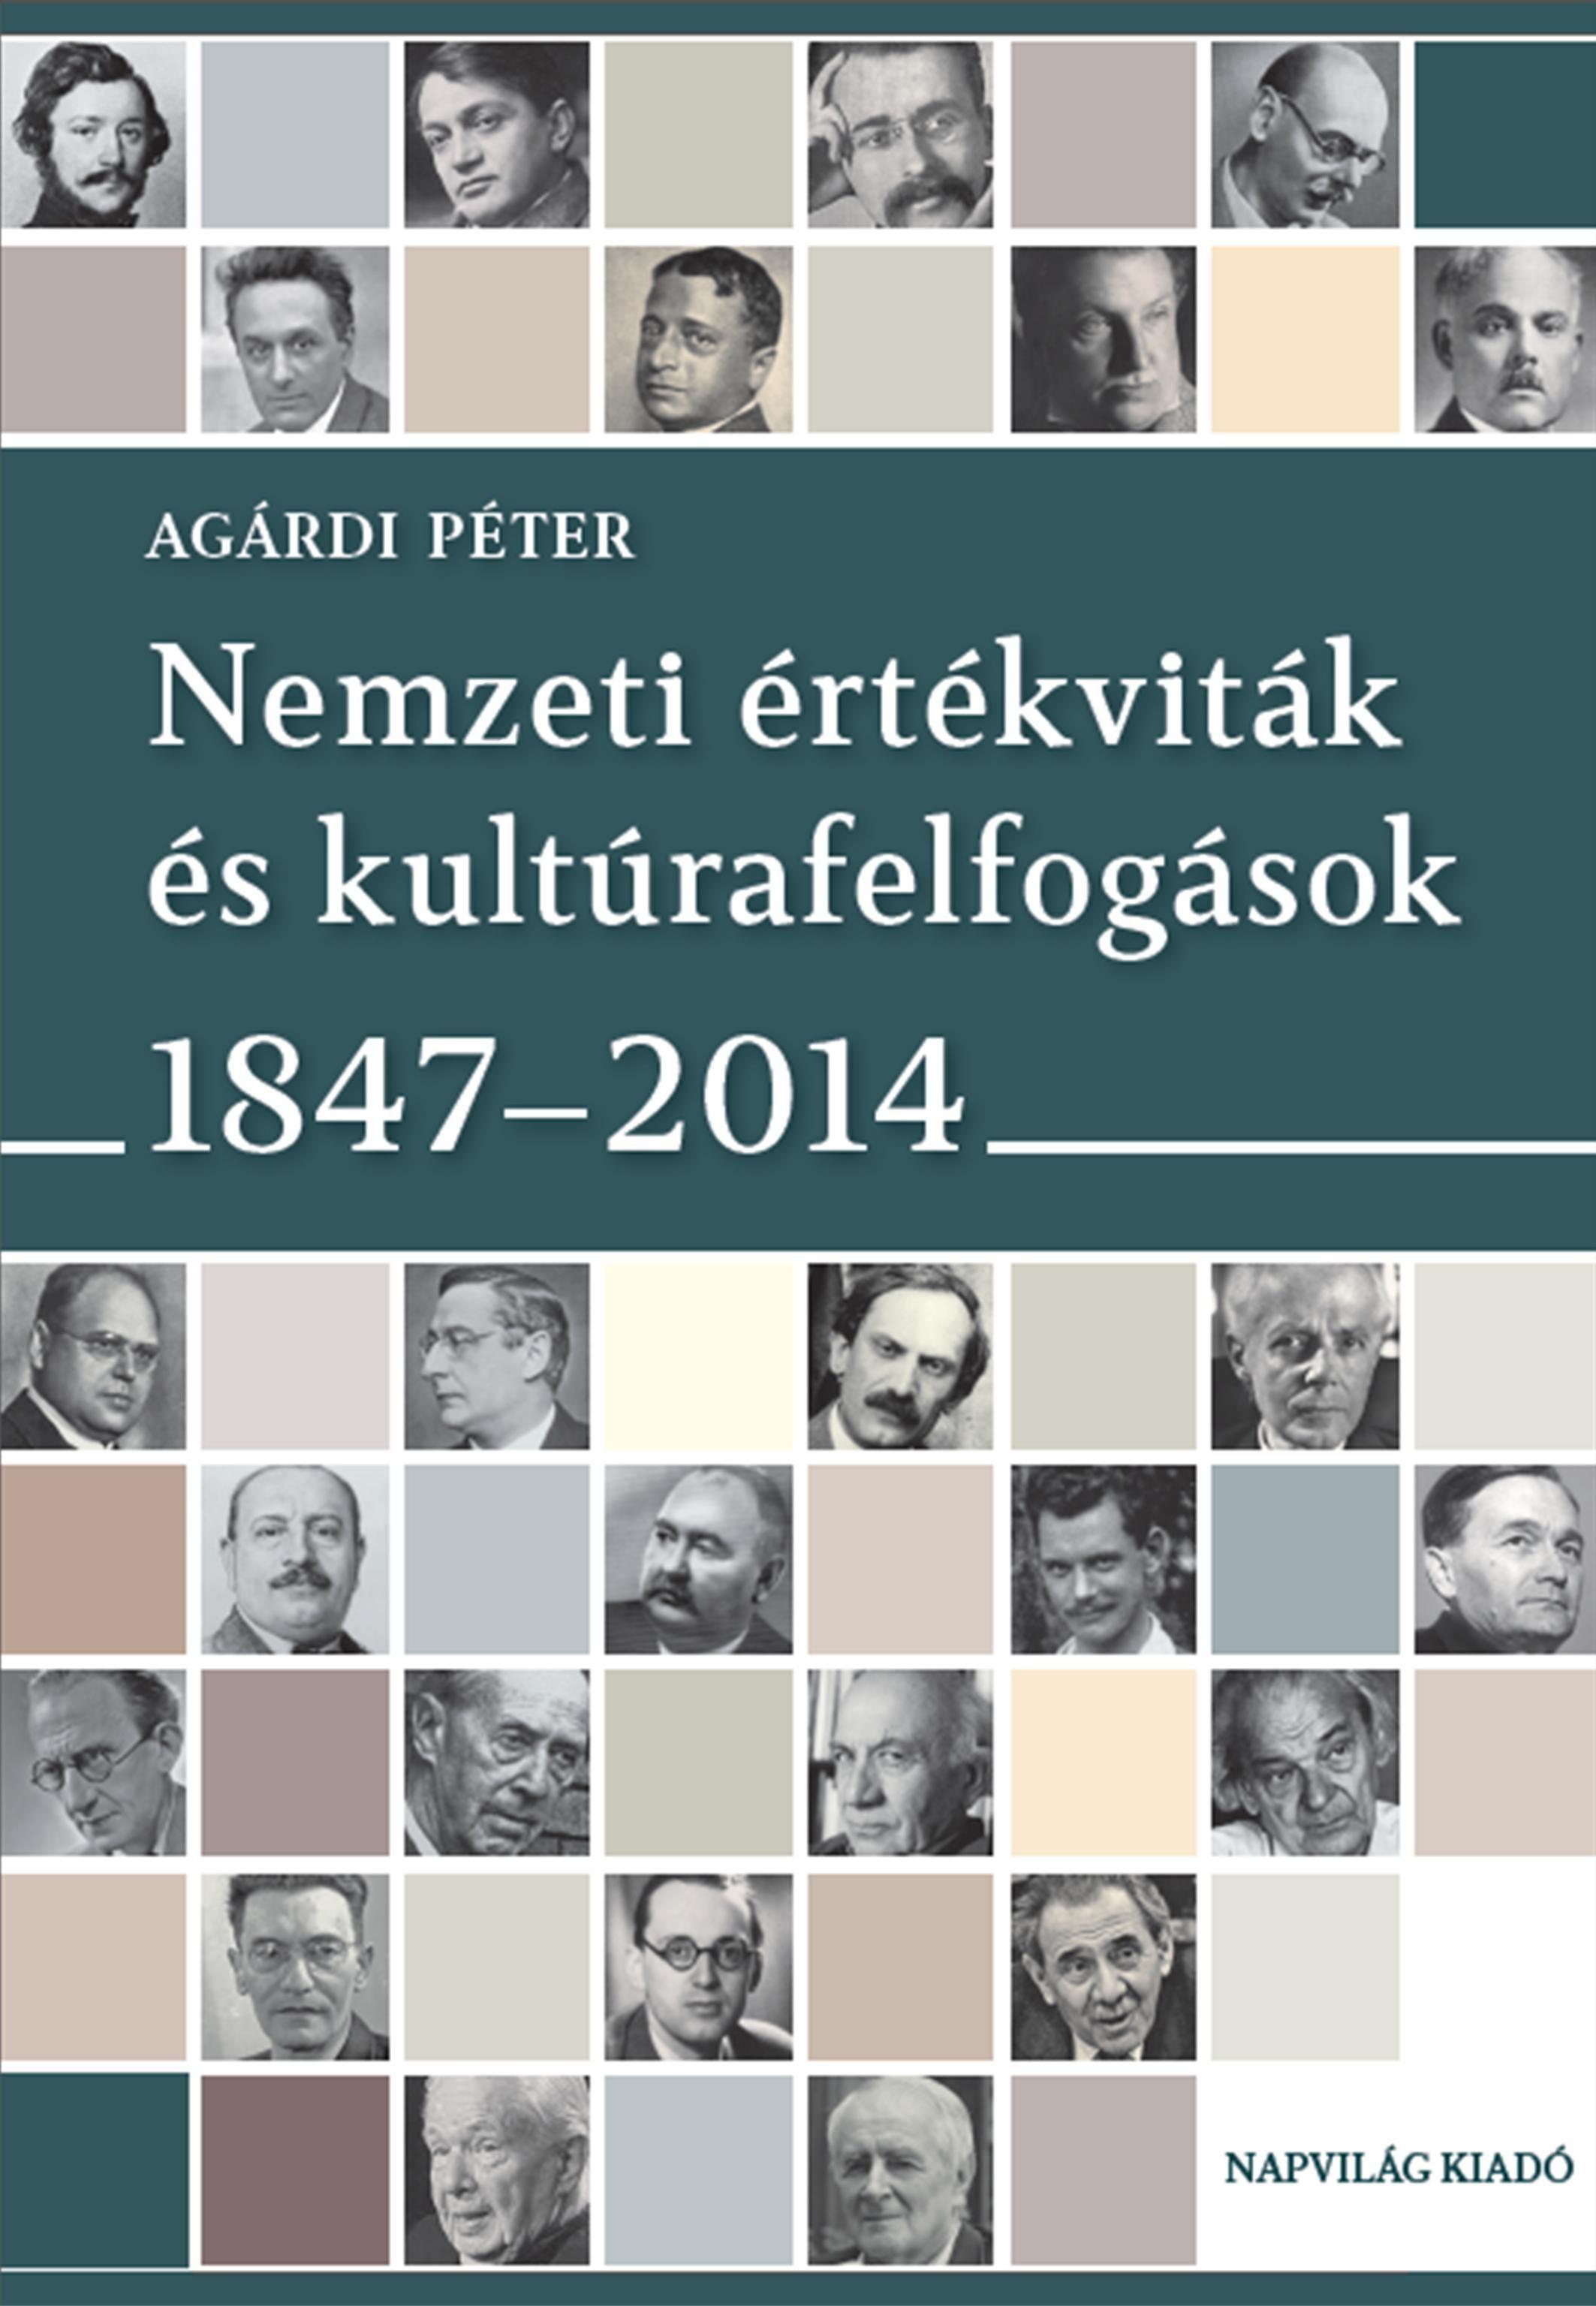 NEMZETI ÉRTÉKVITÁK ÉS KULTÚRAFELFOGÁSOK 1847-2014